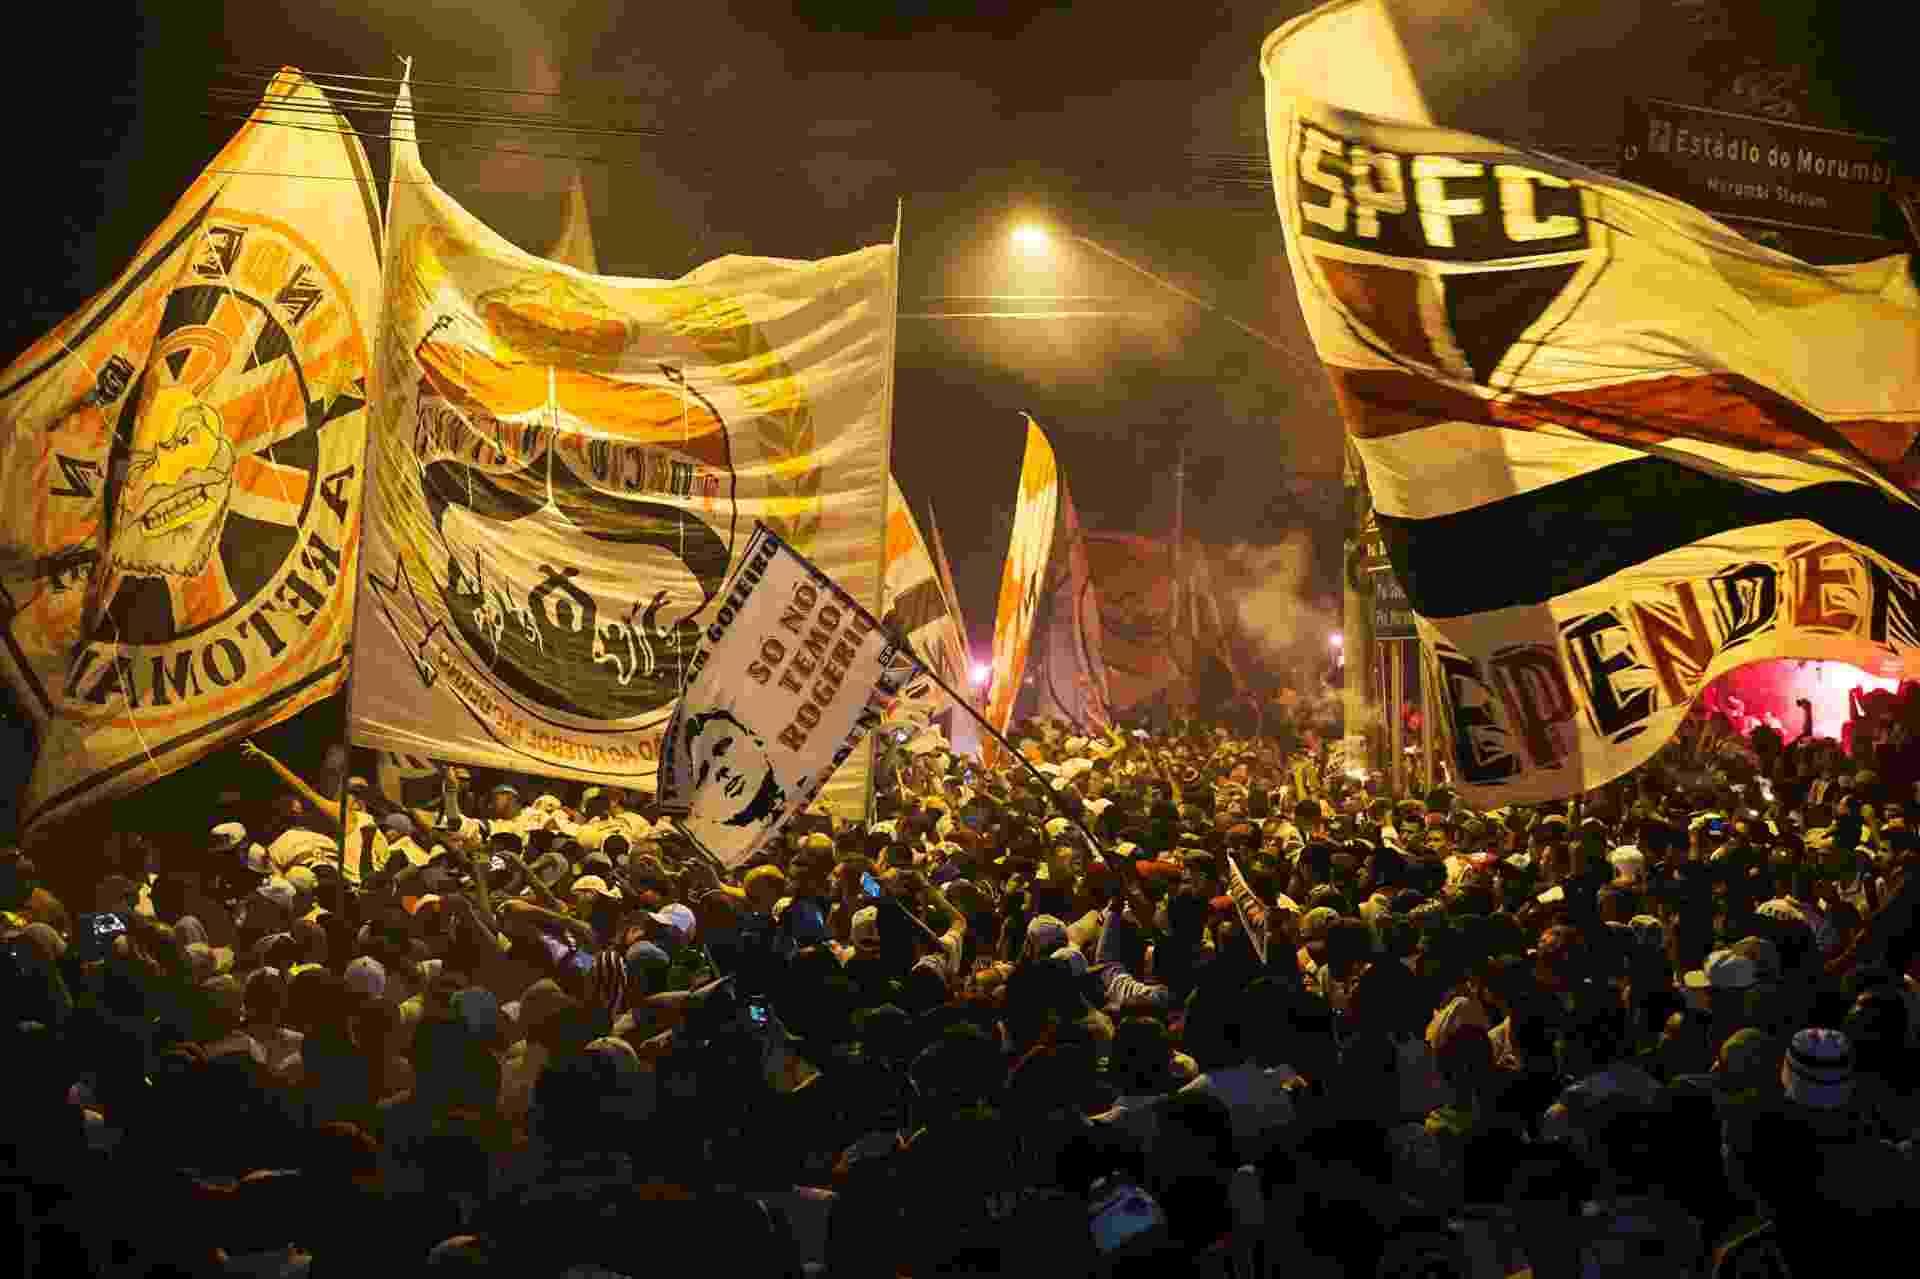 Torcida do São Paulo recebe o time no Morumbi para a partida contra o Atlético-Mg, na Libertadores - Eduardo Knapp/Folhapress.